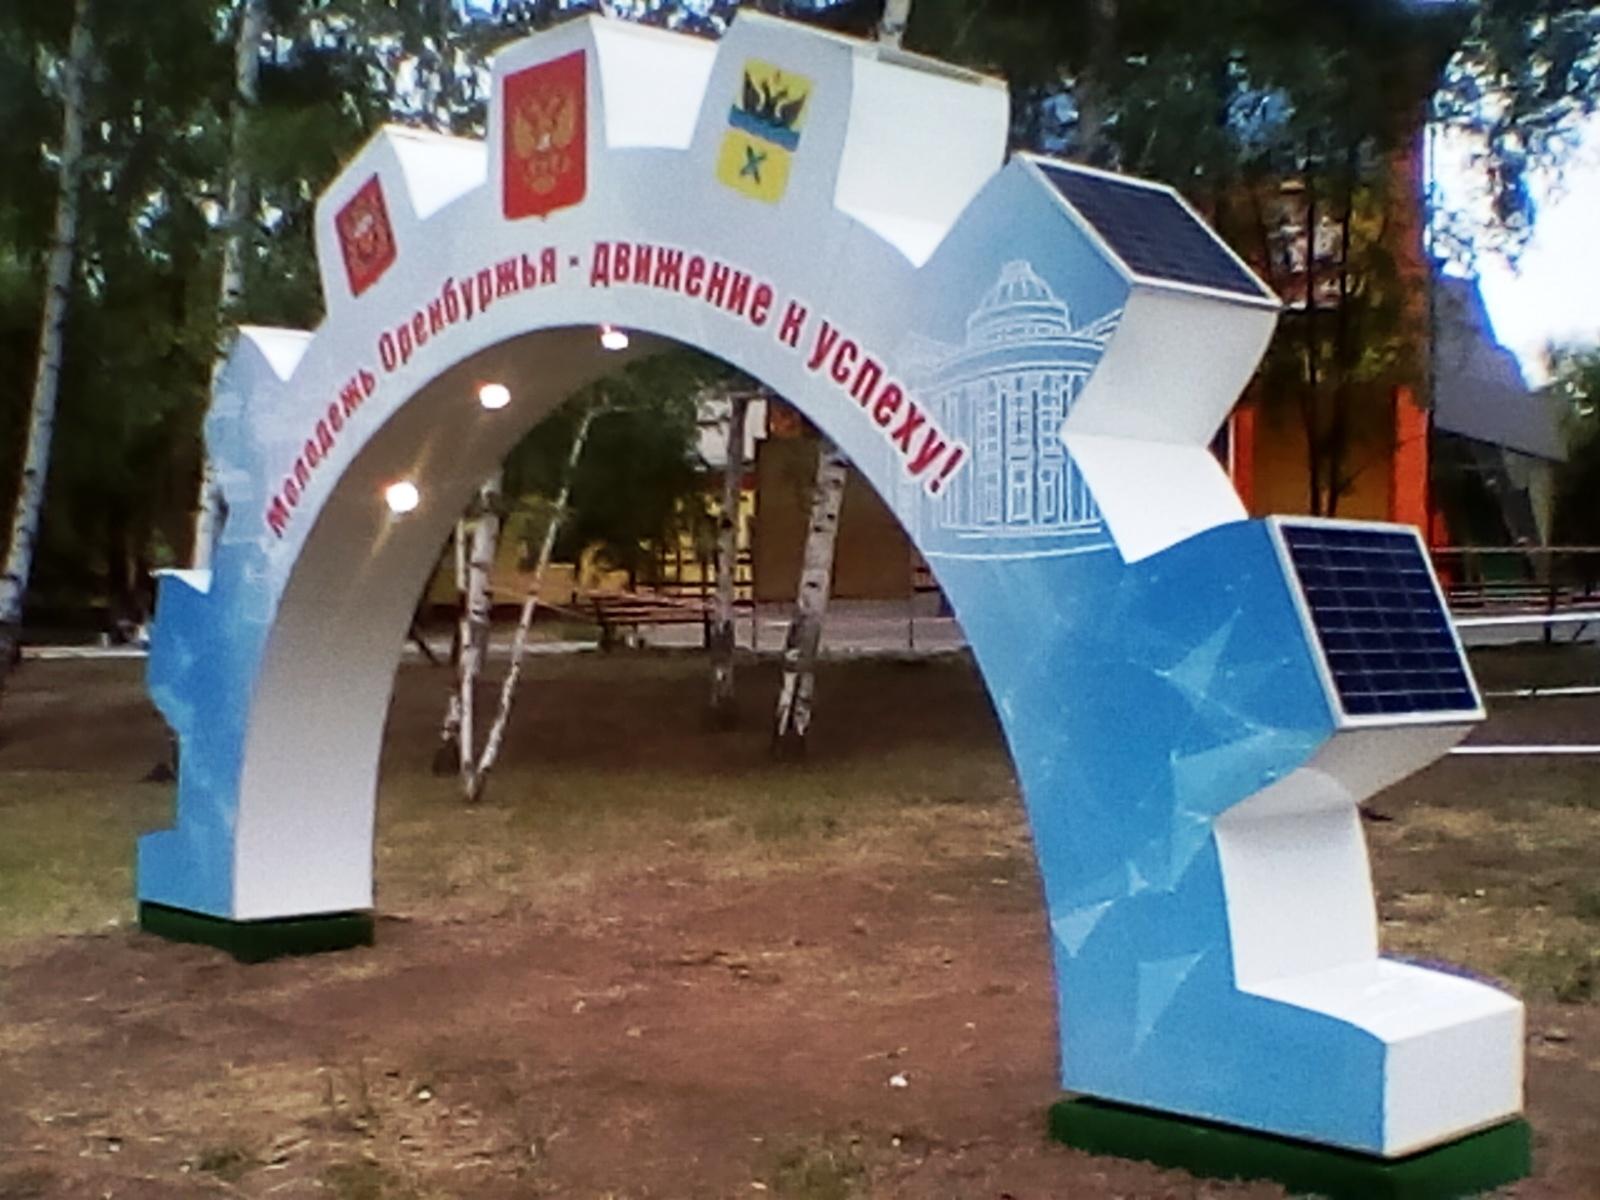 Сделал большую полушестерню на солнечных панелях за 250 000 рублей (2 часть) - 38